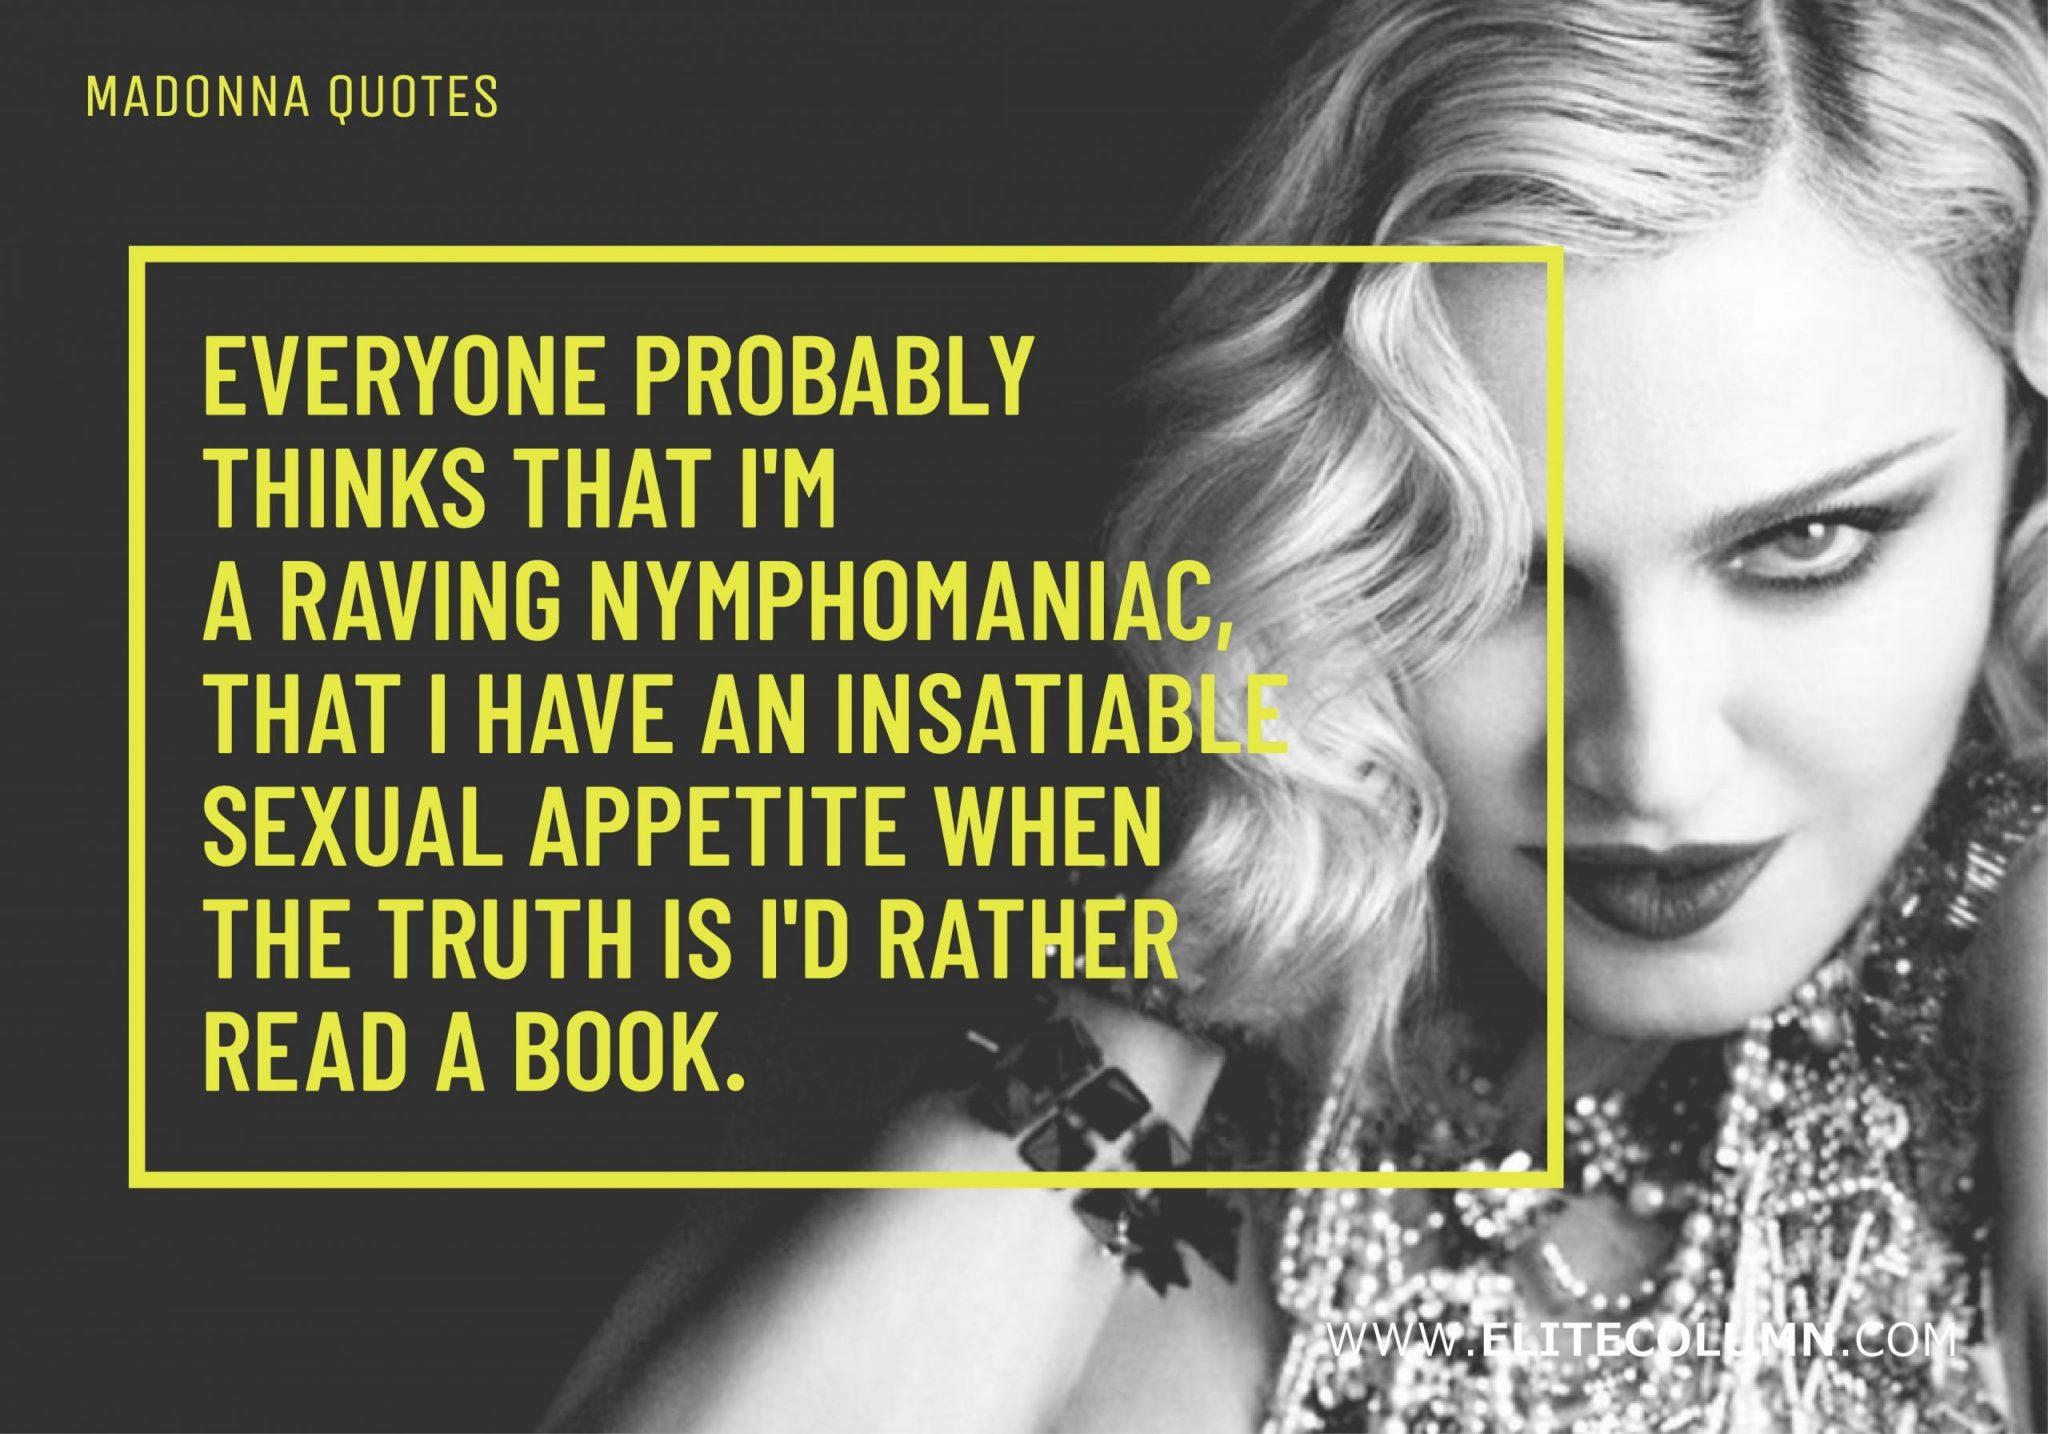 Madonna Quotes (10)